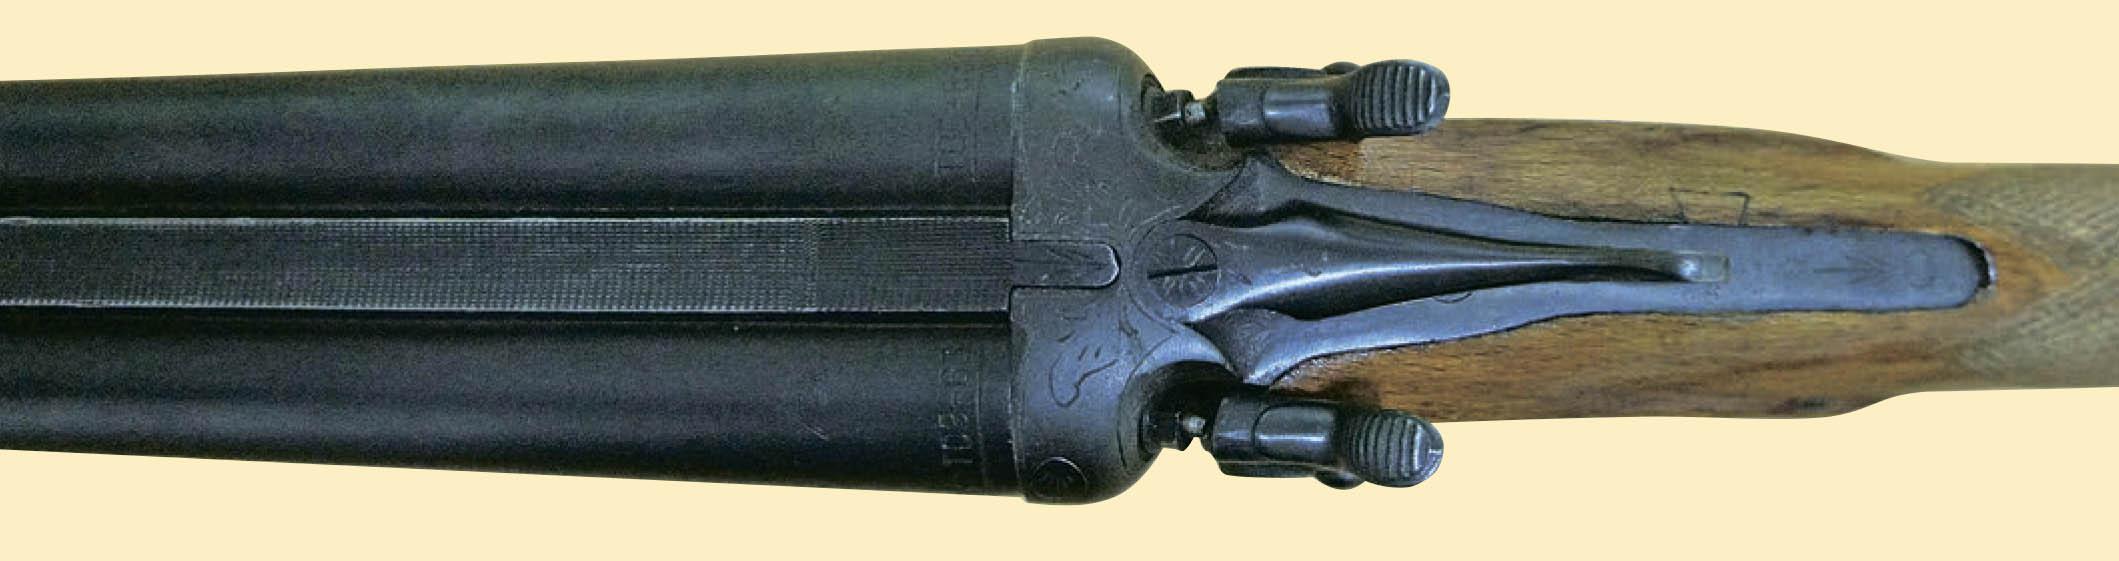 Ствольная коробка ТОЗ-63. Вид сверху